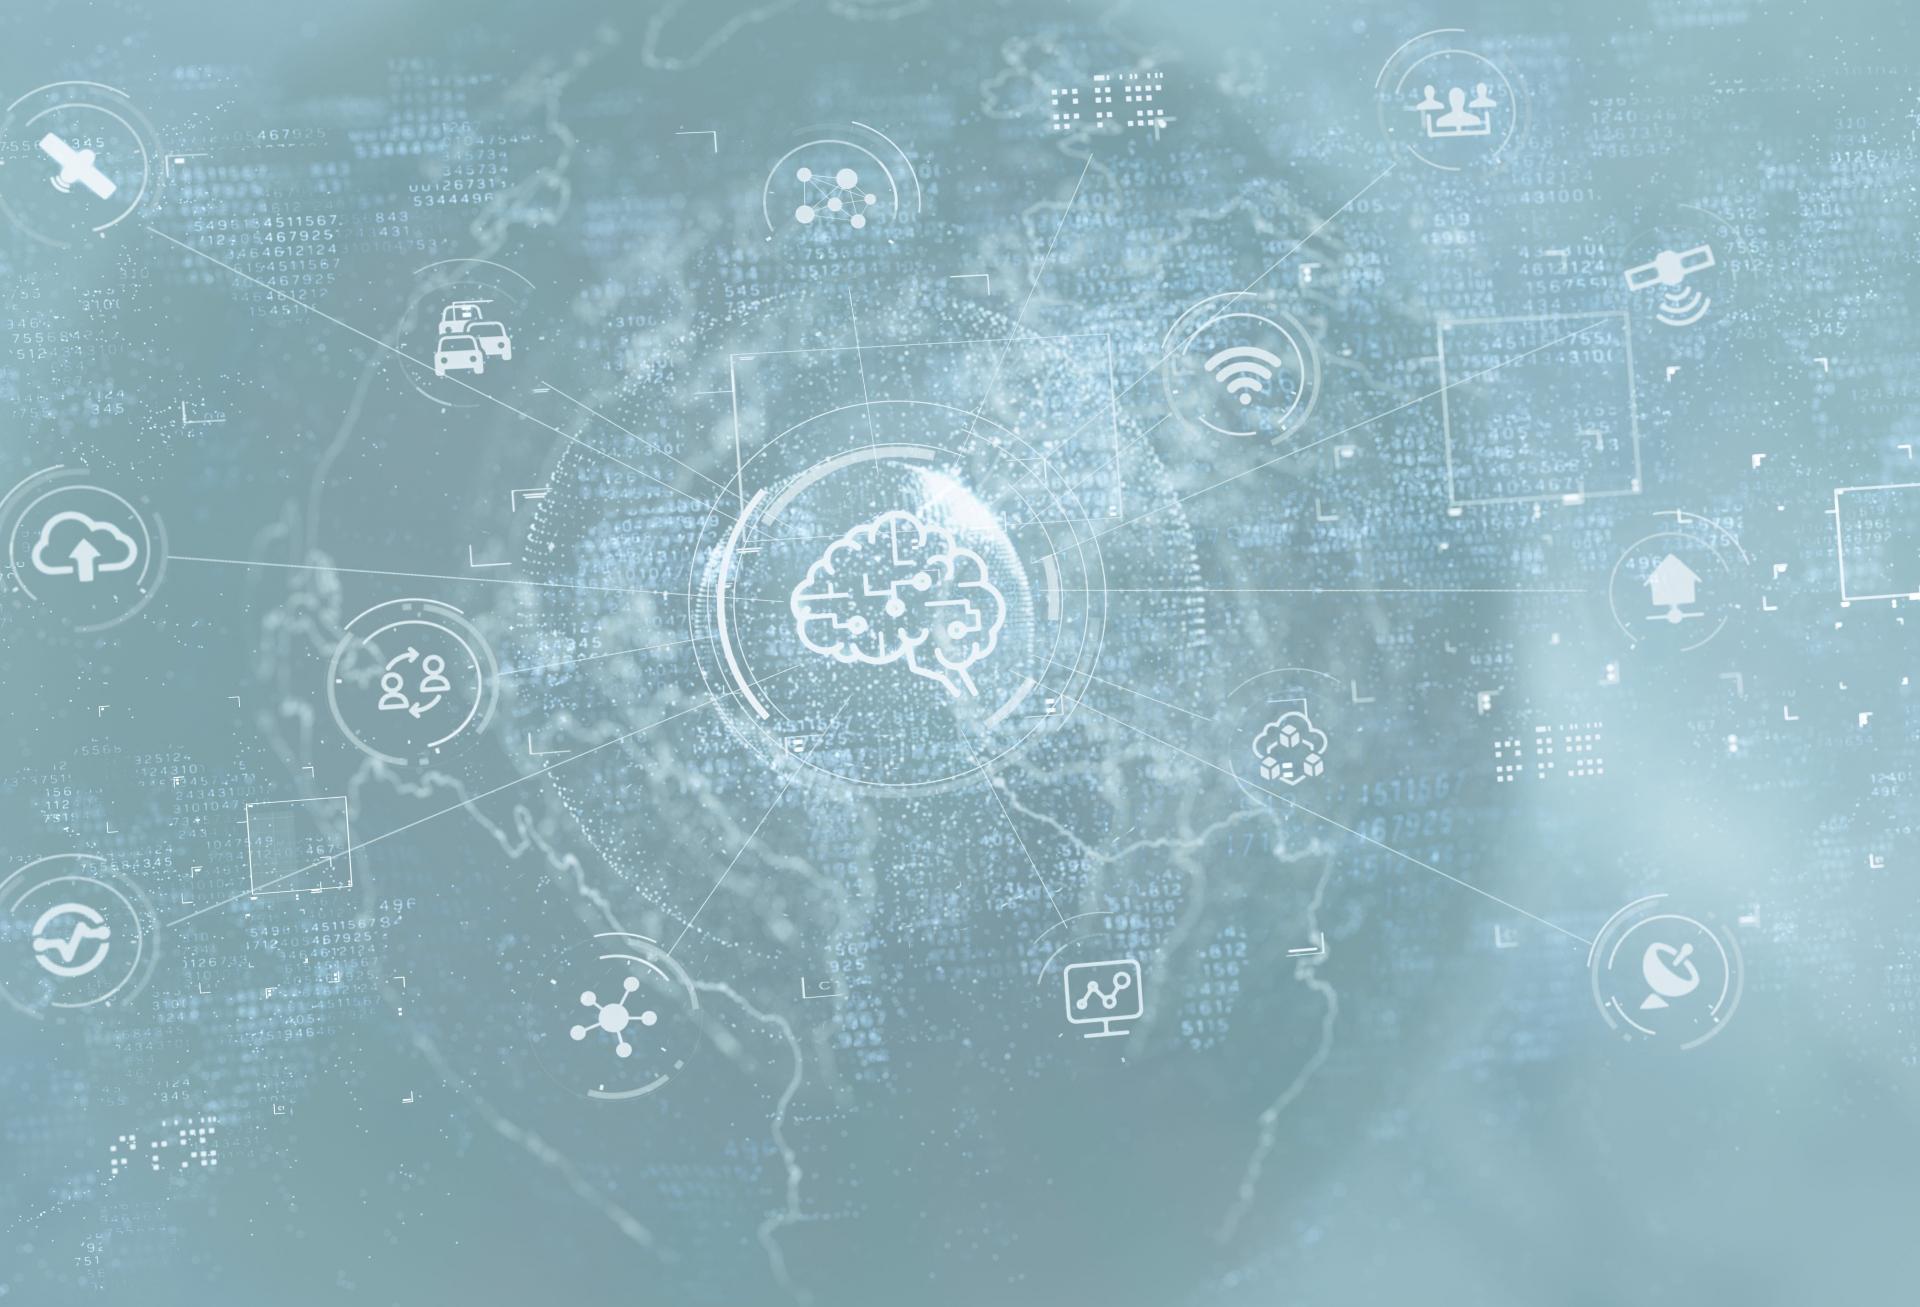 データドリブンが生む新たな産業革命